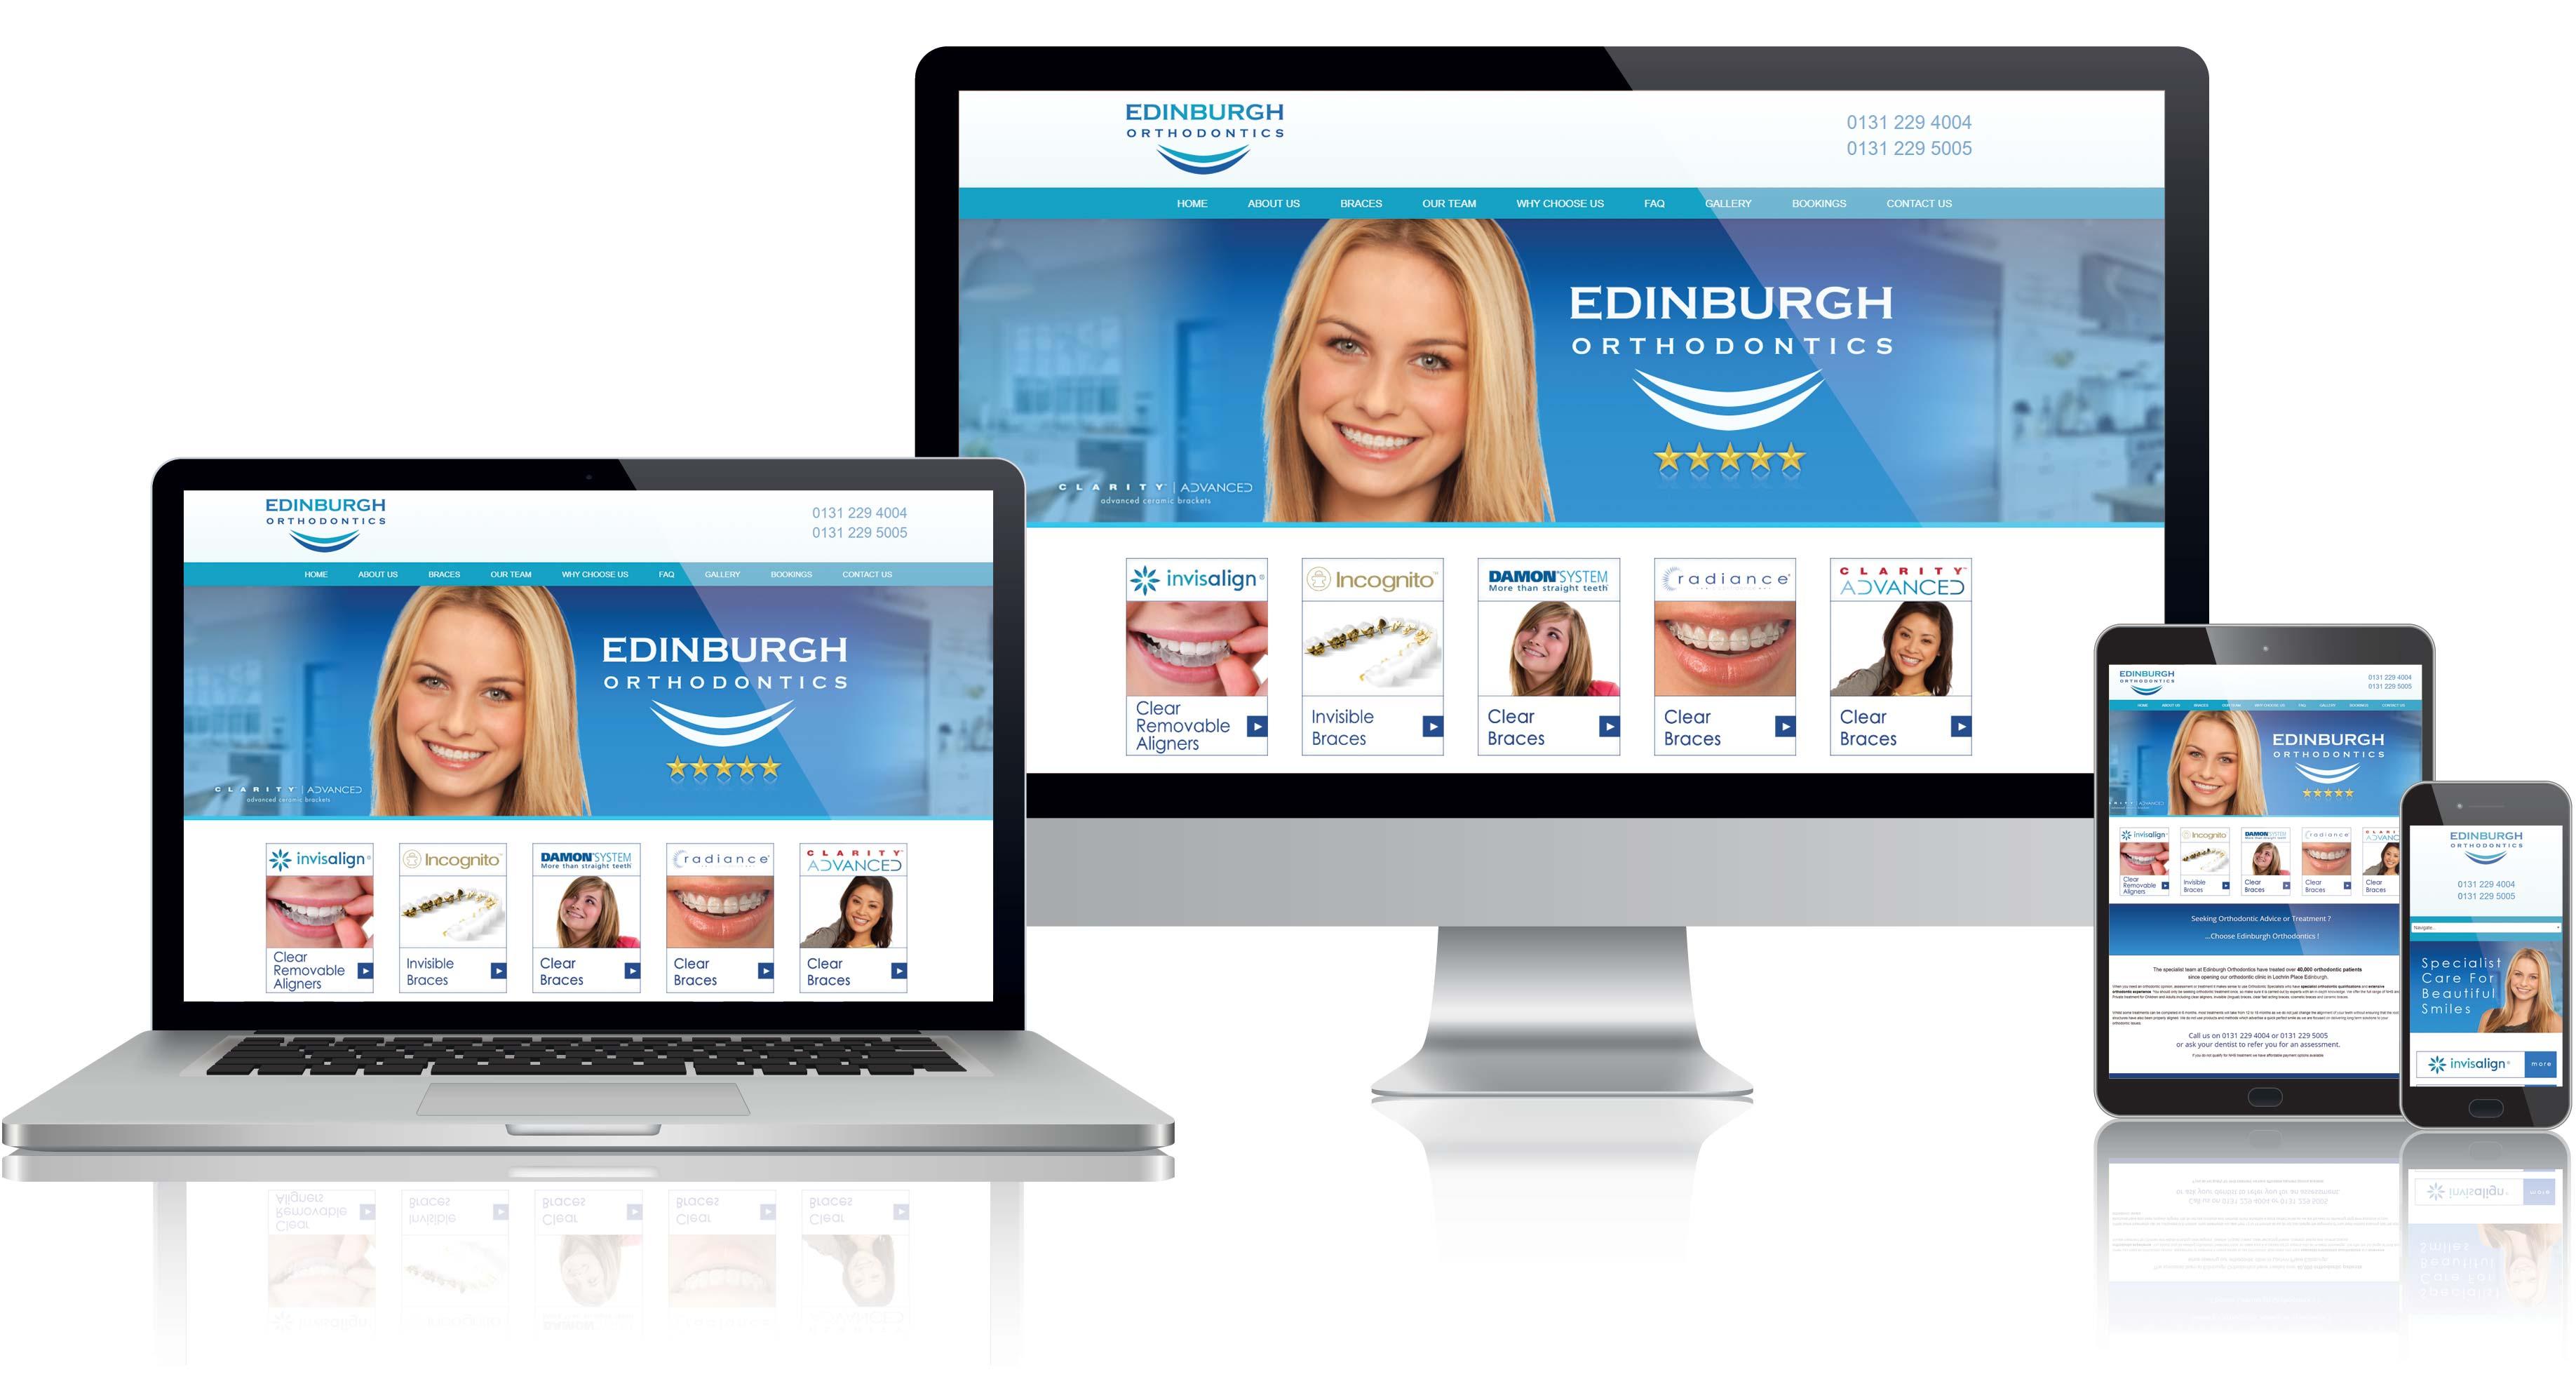 Website Design for Edinburgh Orthodontics